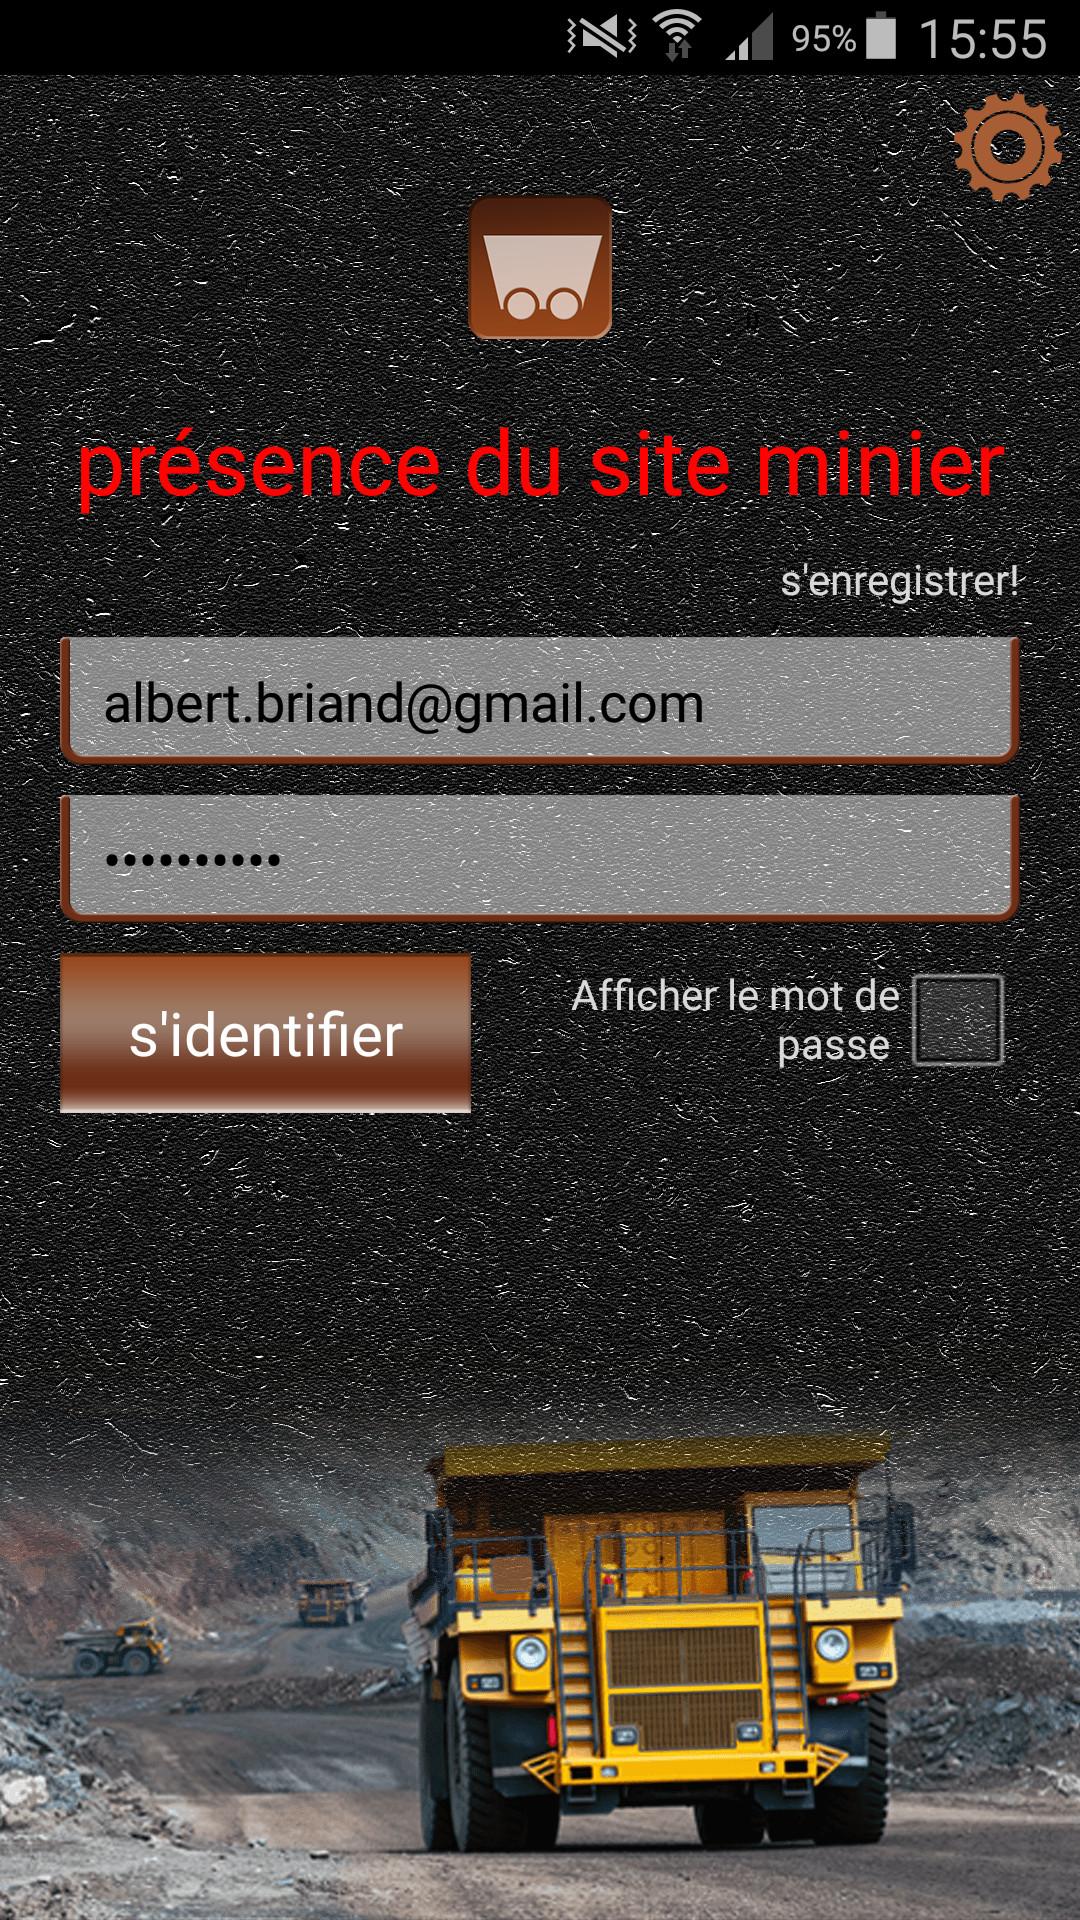 ginstr_app_miningSiteAttendance_FR_1